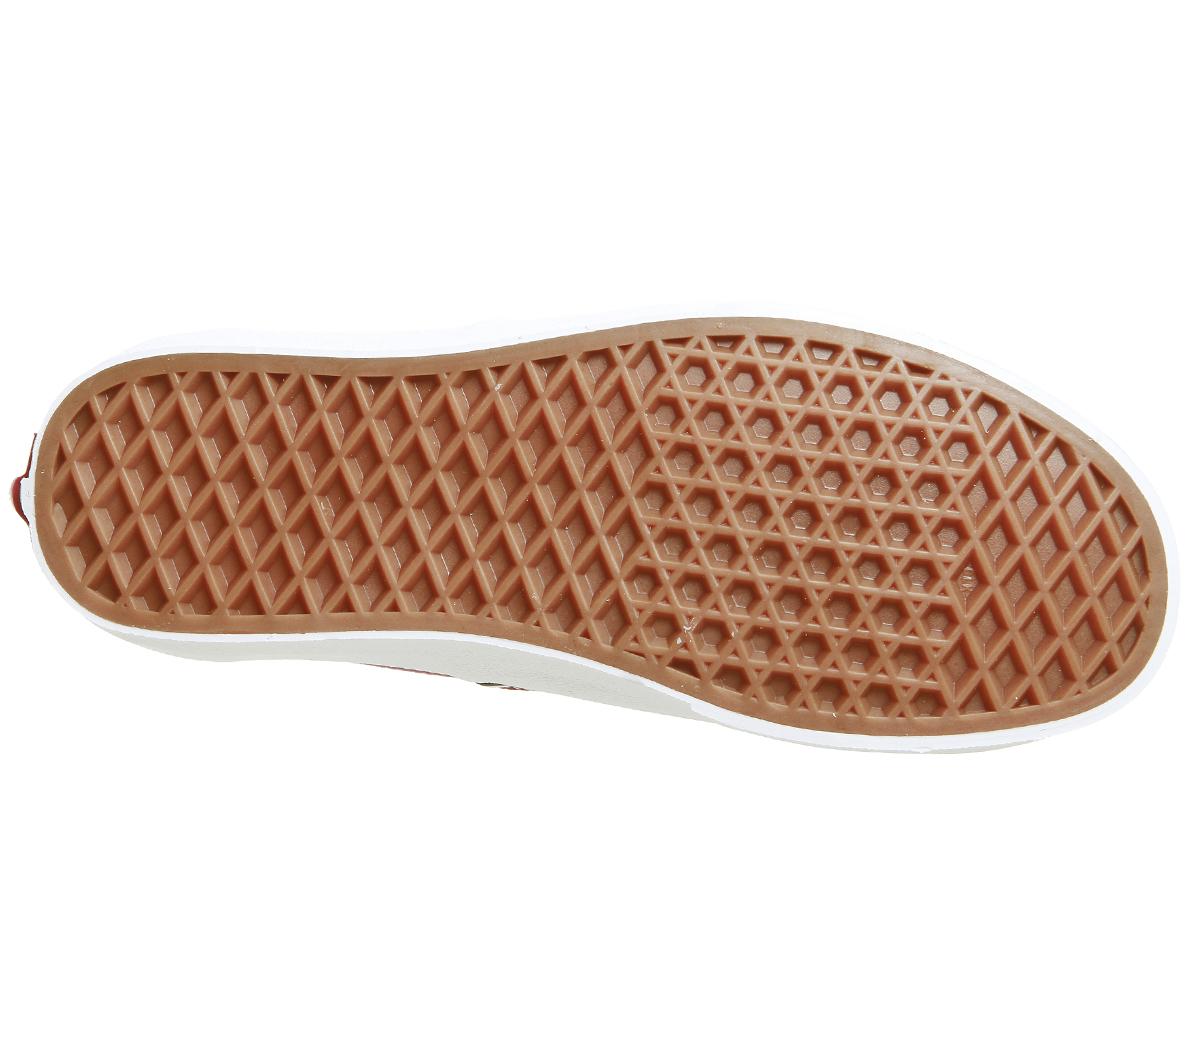 7ebb6a2b43d98 Vans Pour Homme Authentique Baskets Sec Rose Baskets Chaussures | eBay